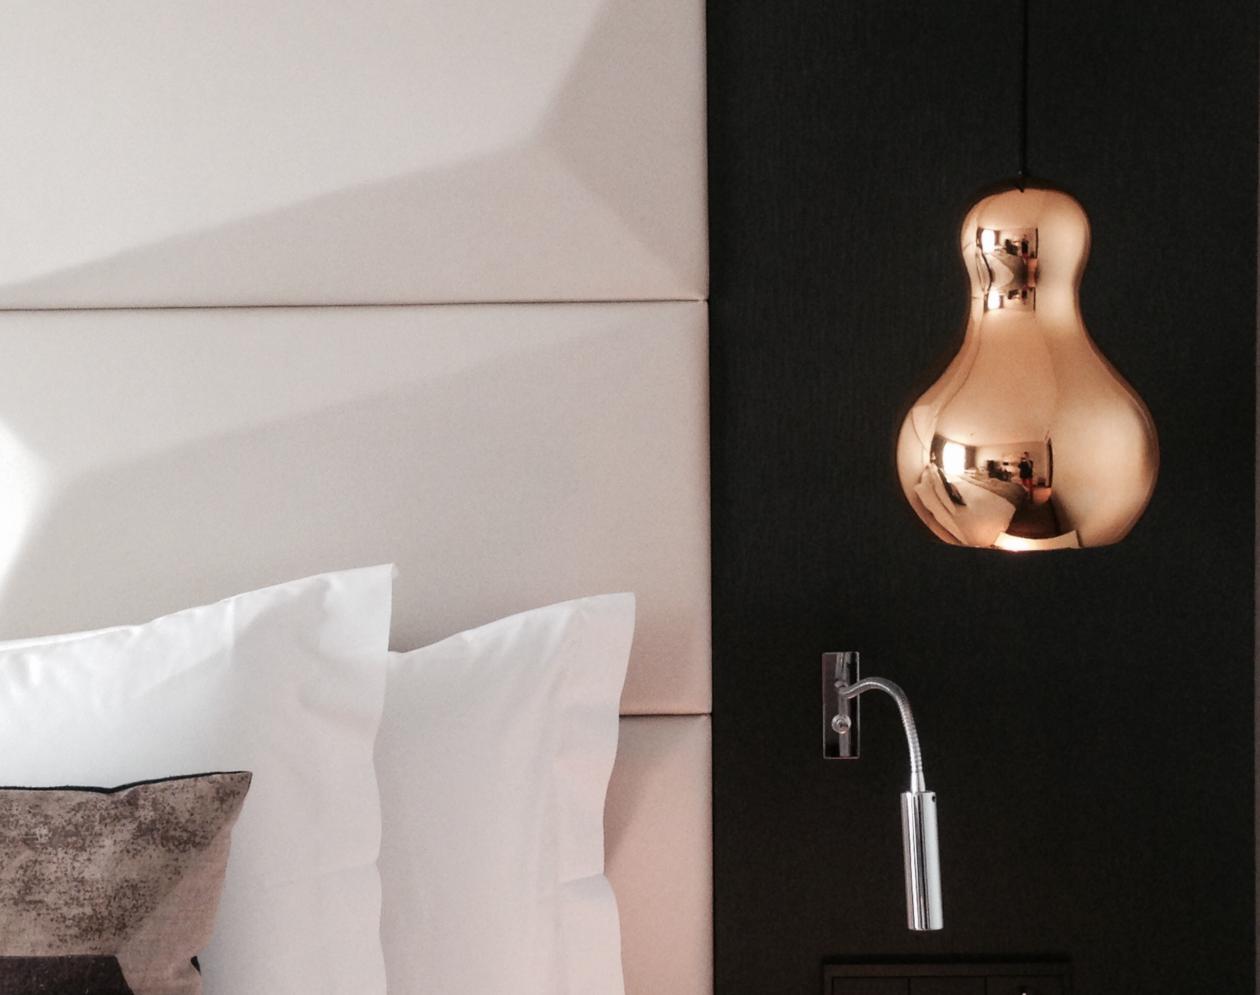 Tajemnica pokoju nr 7 – turystka w hotelowym labiryncie i świecie kryminalnych intryg